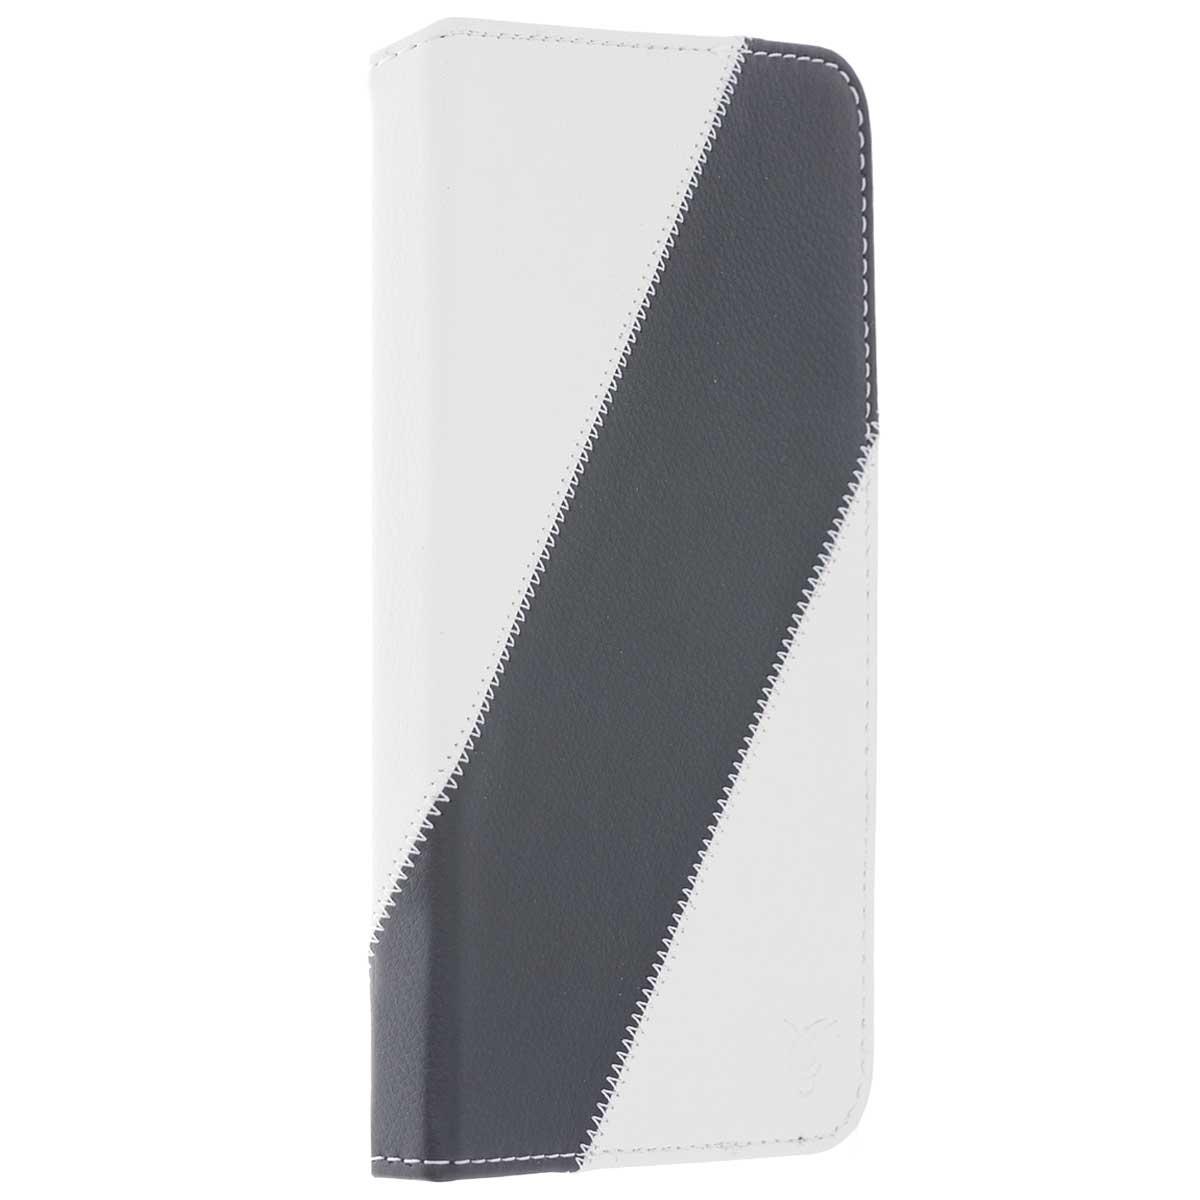 Vivacase Fantasy чехол для Asus MeMO Pad 7, White Black (VAS-ASMPF04-wb)VAS-ASMPF04-wbЧехол Vivacase Fantasy для Asus MeMO Pad 7 предназначен для защиты вашего устройства от механических повреждений и влаги. Крепление позволяет надежно зафиксировать девайс.